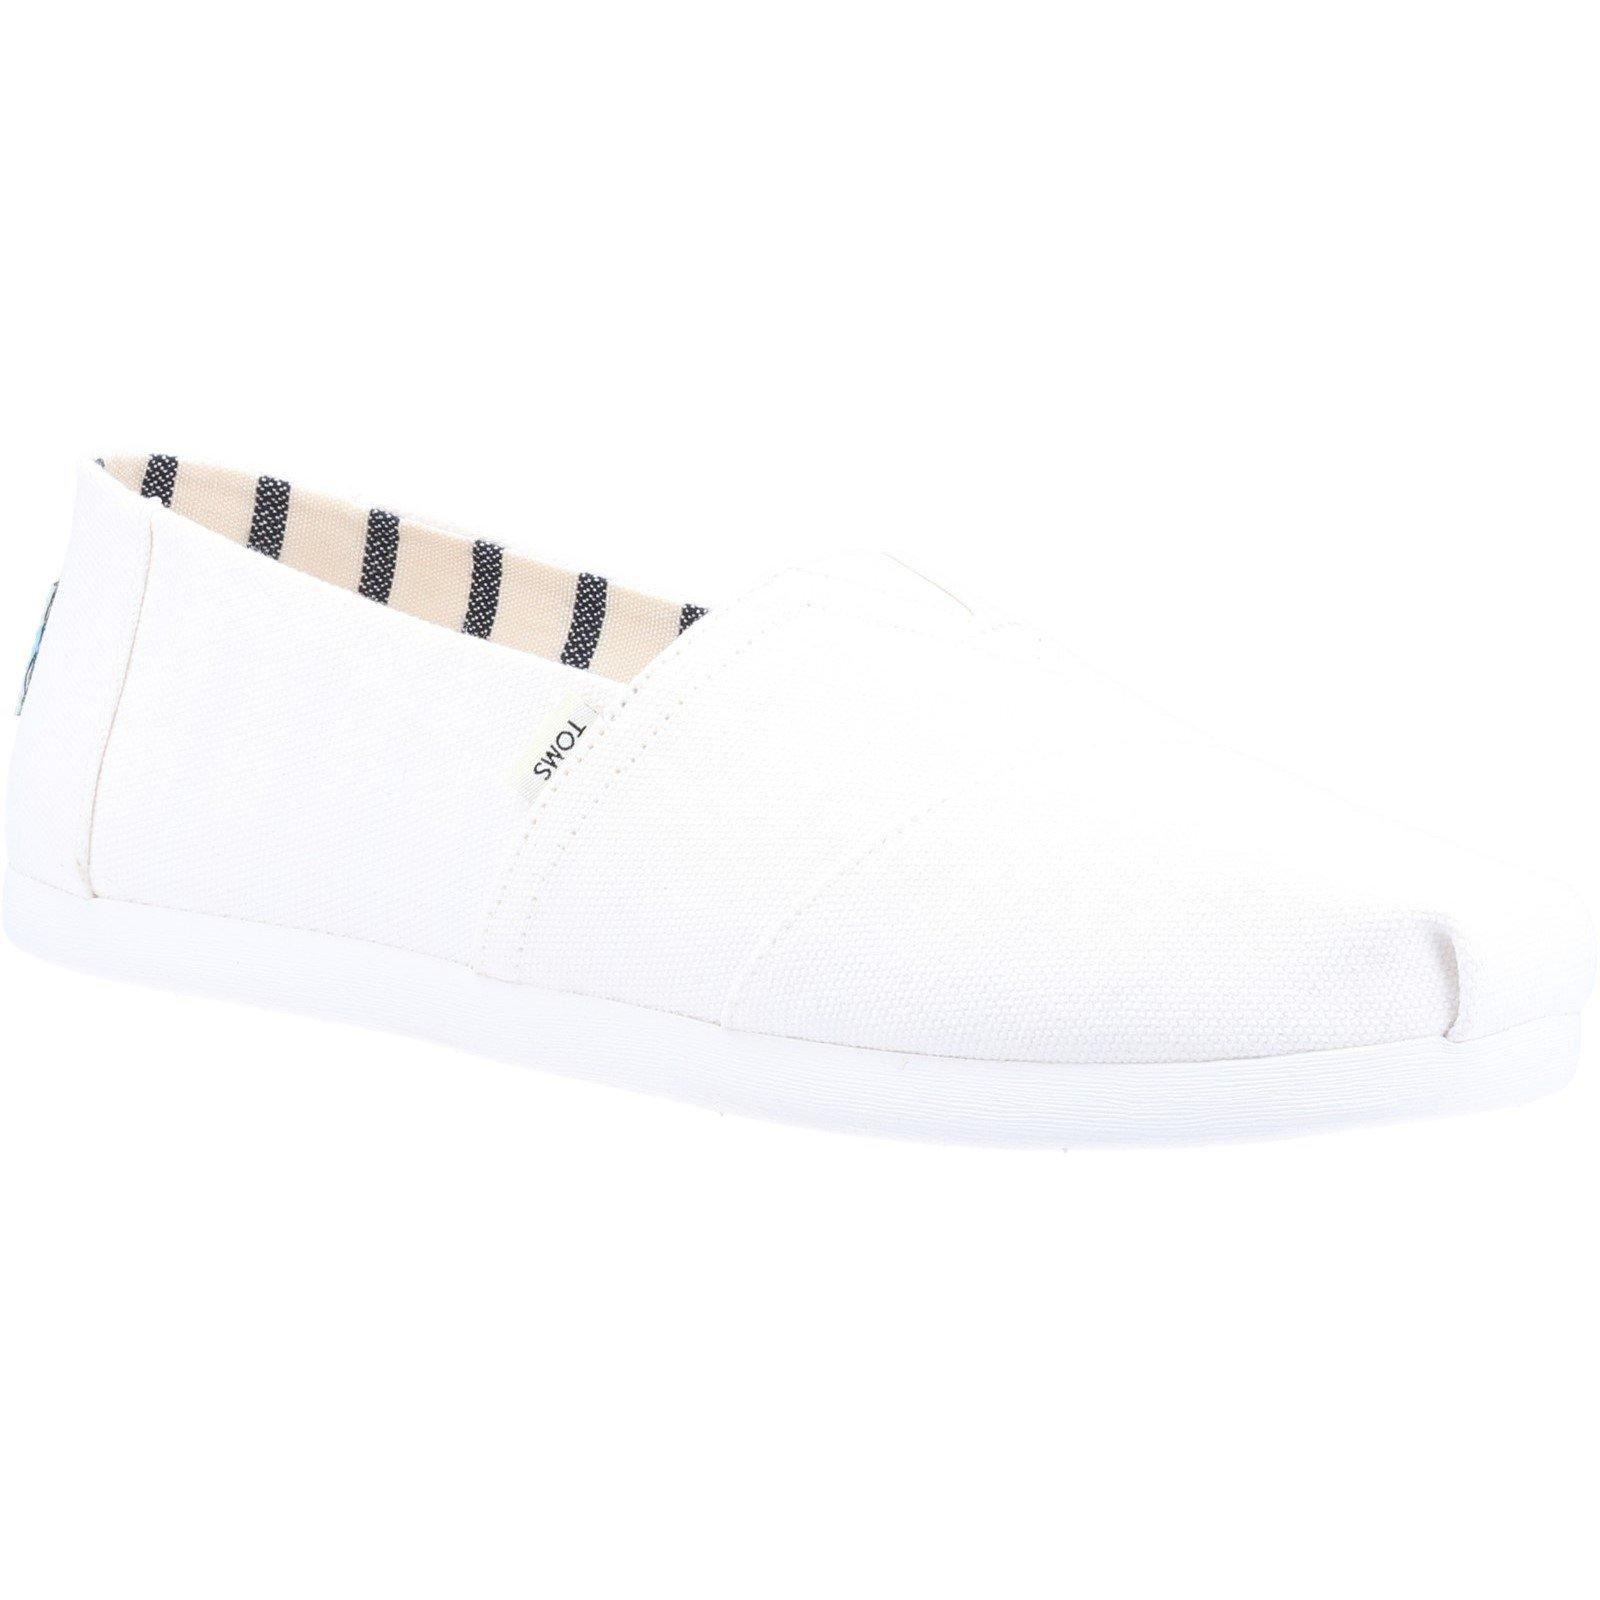 TOMS Men's Alpargata Canvas Loafer White 32554 - White 7